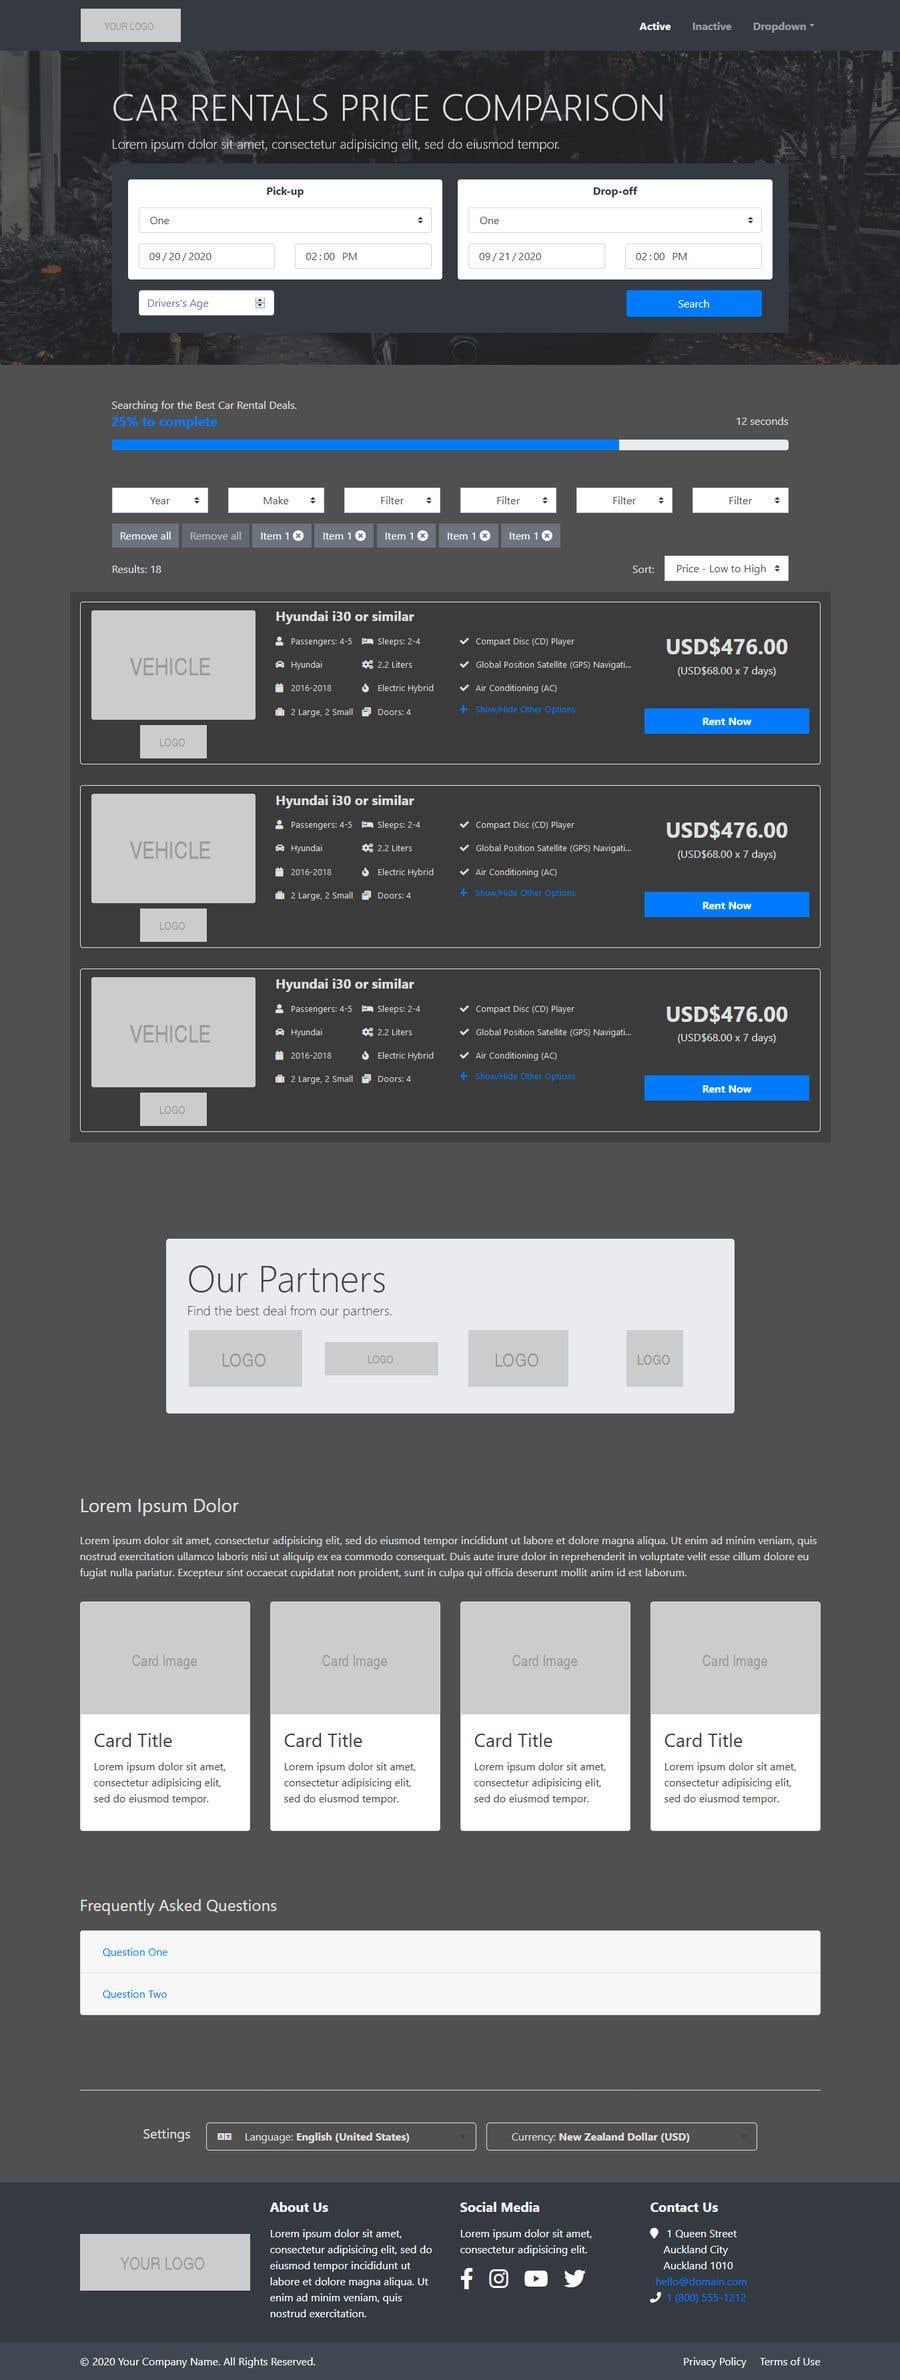 Bài tham dự cuộc thi #                                        24                                      cho                                         Front End Developer - 100% CSS Web Design